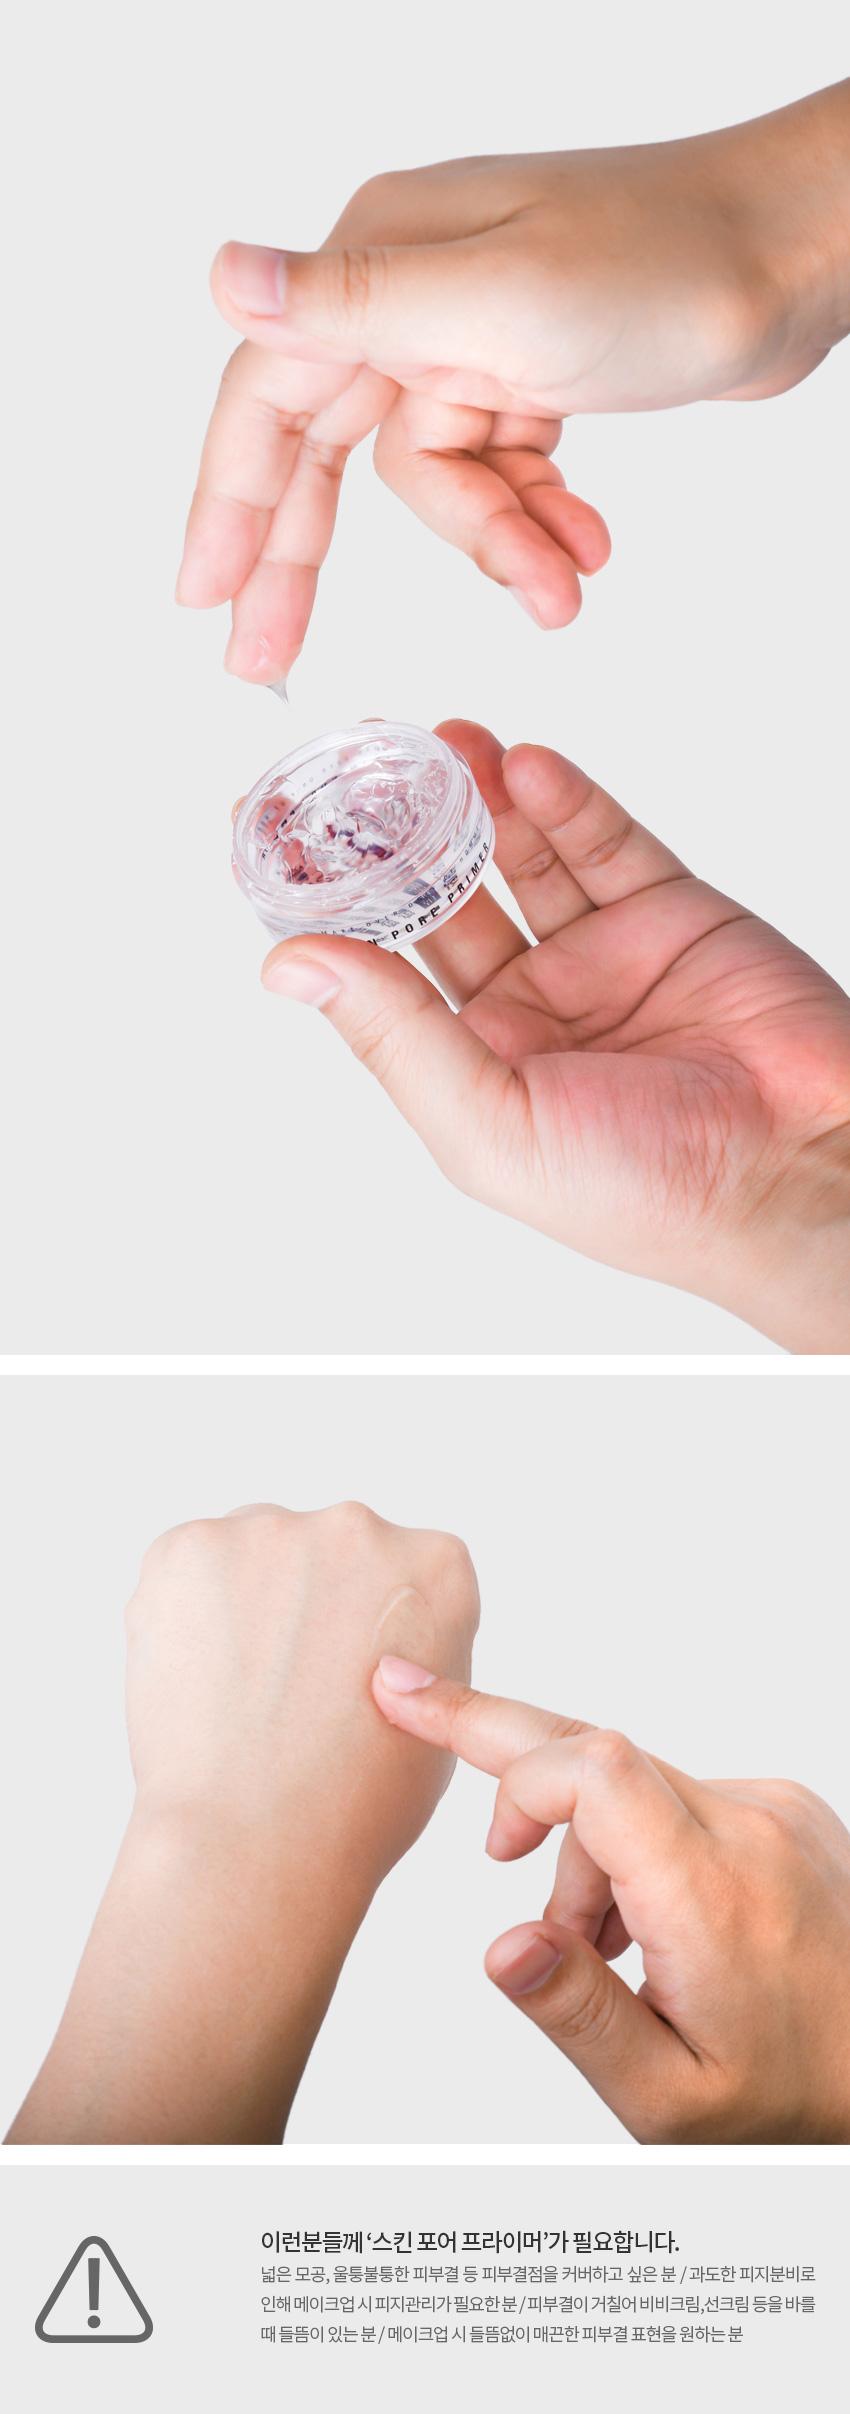 [엠도씨] 스킨 포어 프라이머 - 모공과 주름을 커버하여 도자기 같은 매끄러운 피부를 표현